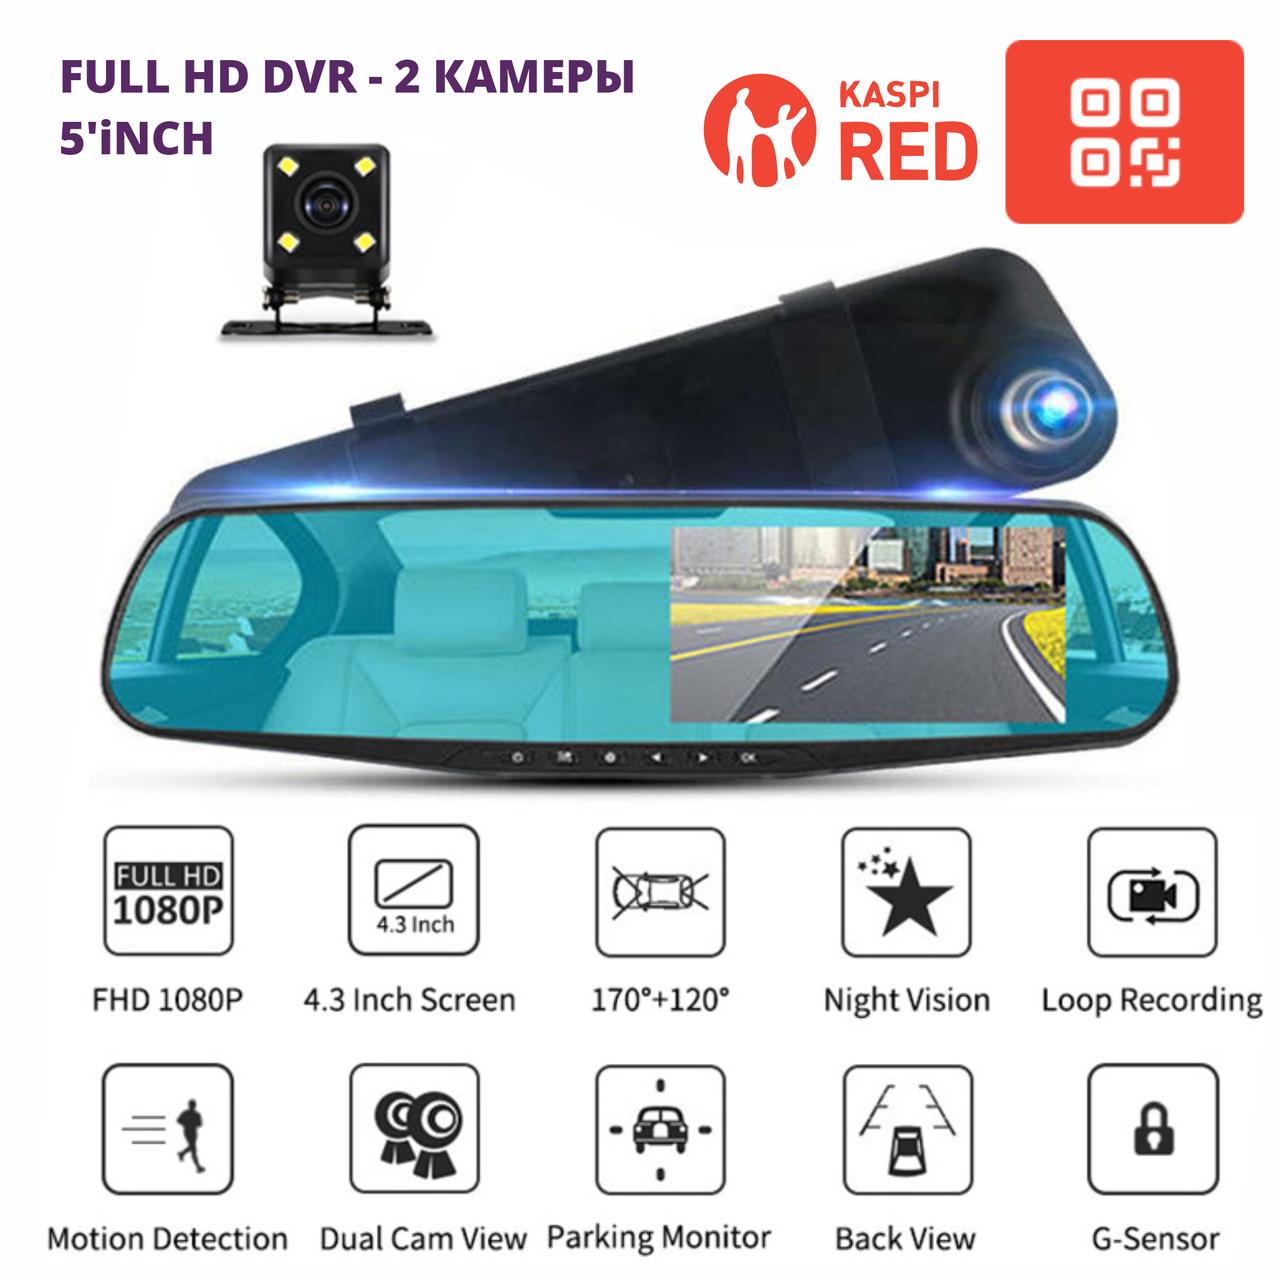 Зеркало Видеорегистратор авто, экран 5 дюймов 2 камеры (+ заднего вида) FullHD DVR